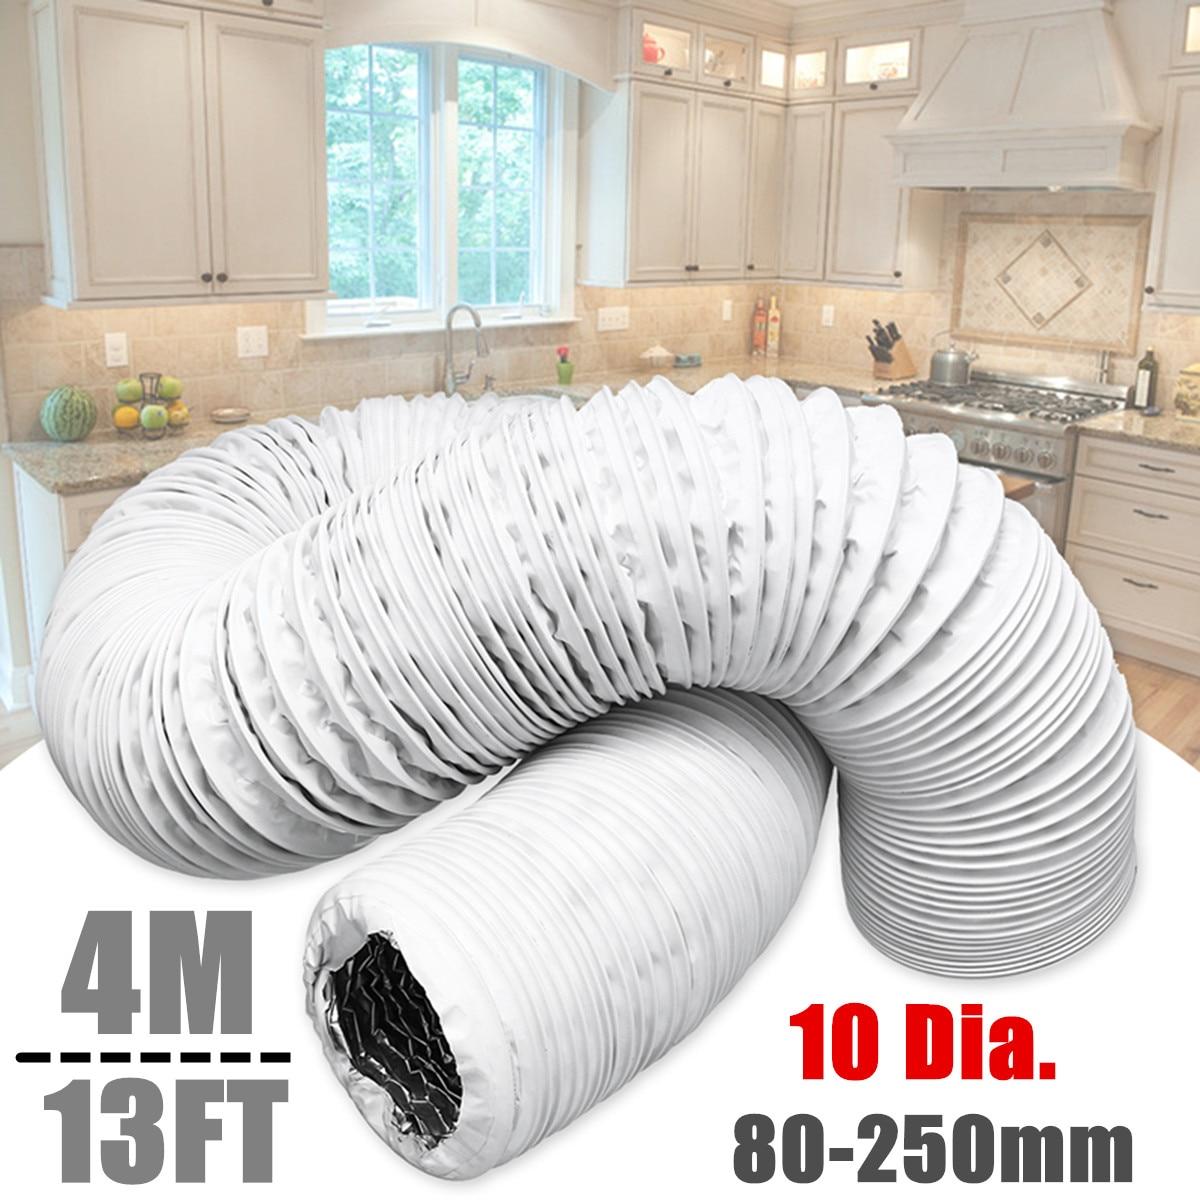 4M 80-250mm Diameter Aluminum Foil Duct Hose Pipes Fittings Kitchen Exhaust Inline Fan Vent Hoses Ventilation Air Vent Tube Part